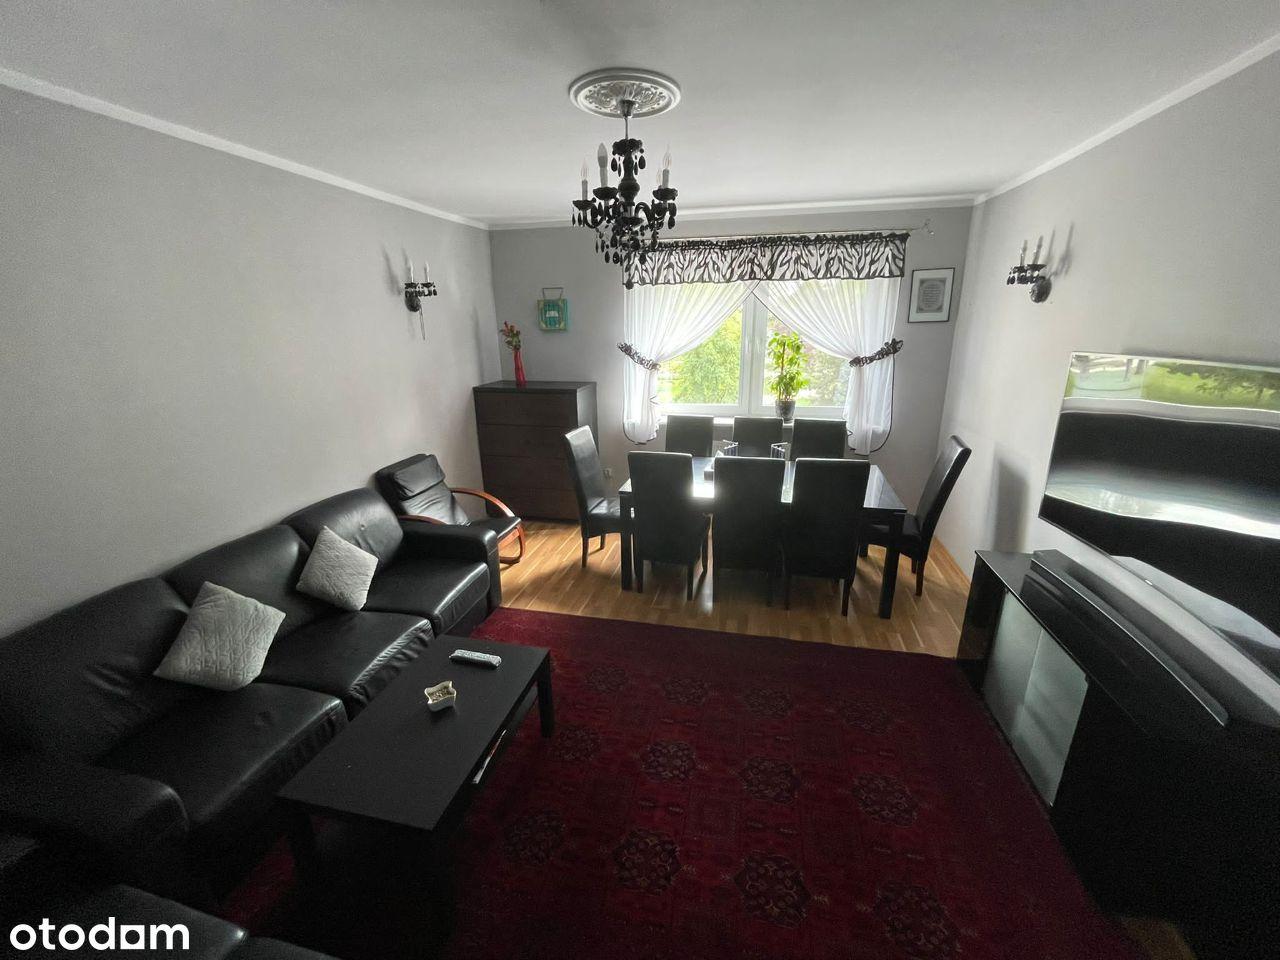 Mieszkanie centrum Gniezna 75m2